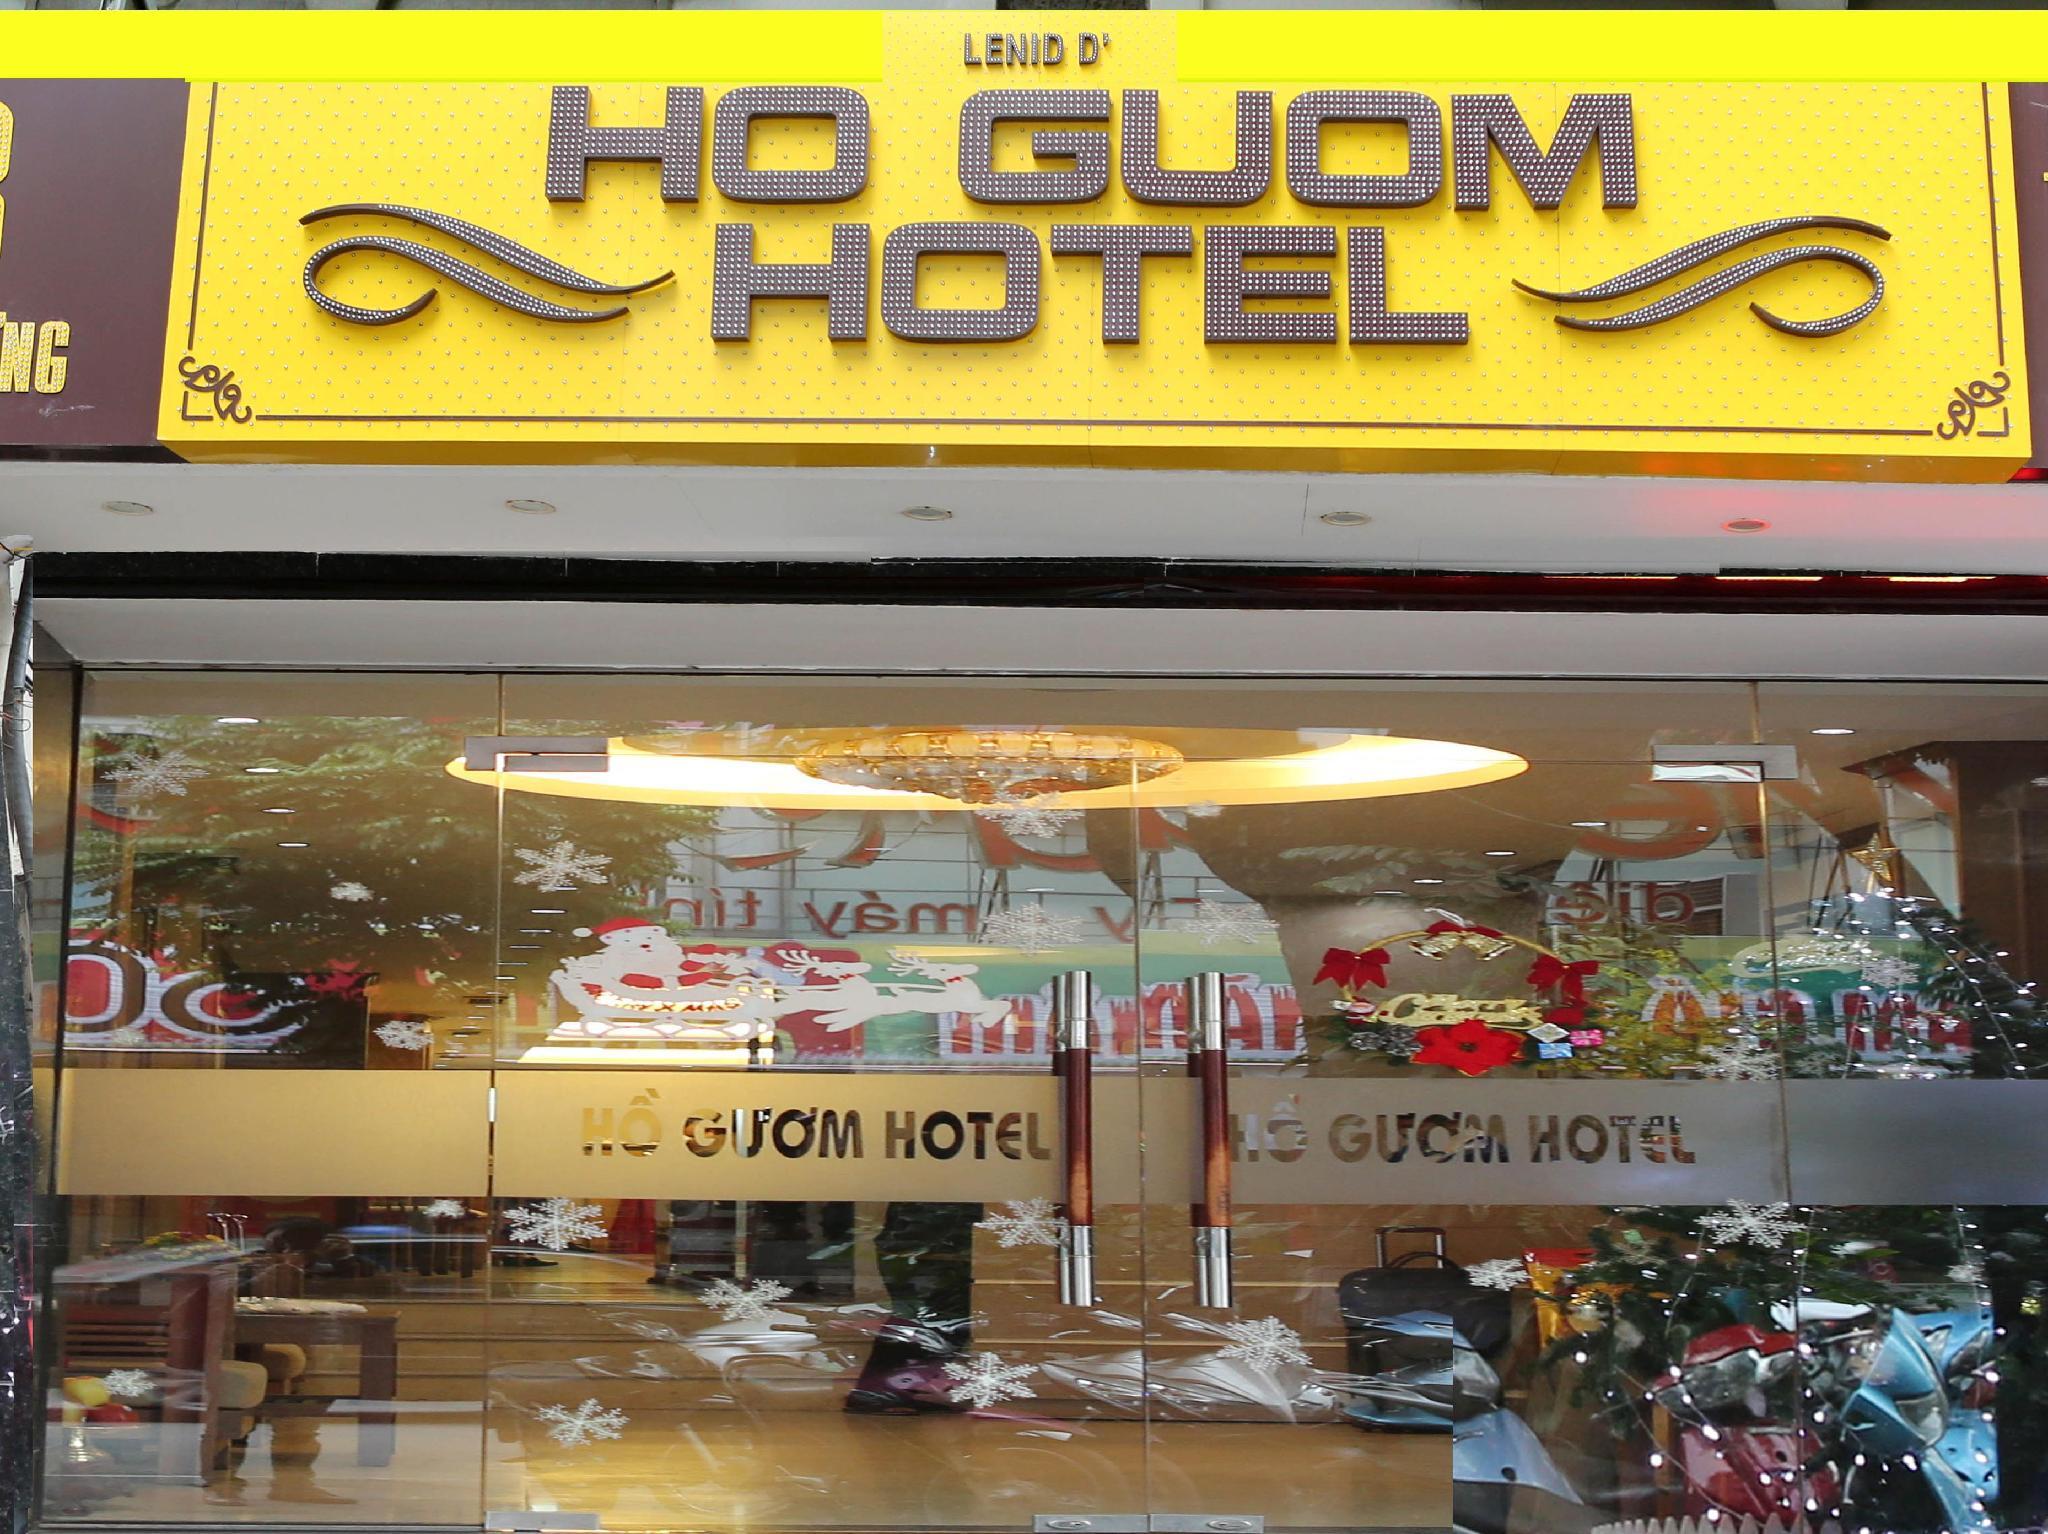 Hotell Ho Guom Hotel